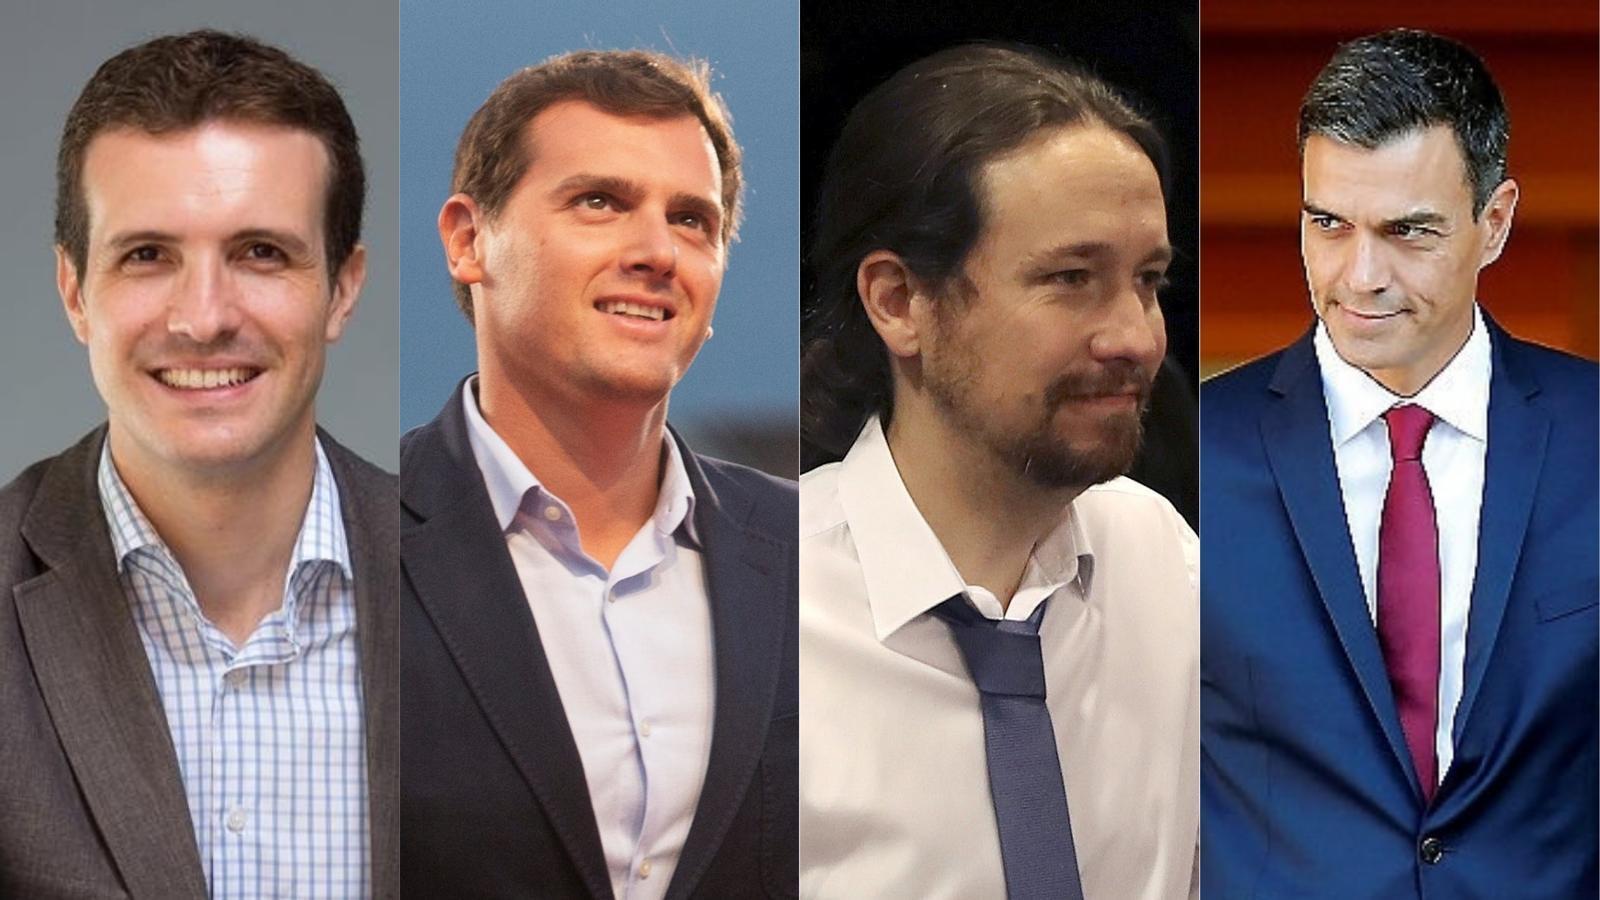 Els quatre líders del grans partits espanyols: Pablo Casado (PP), Albert Rivera (Cs), Pablo Iglesias (Podem) i Pedro Sánchez (PSOE).